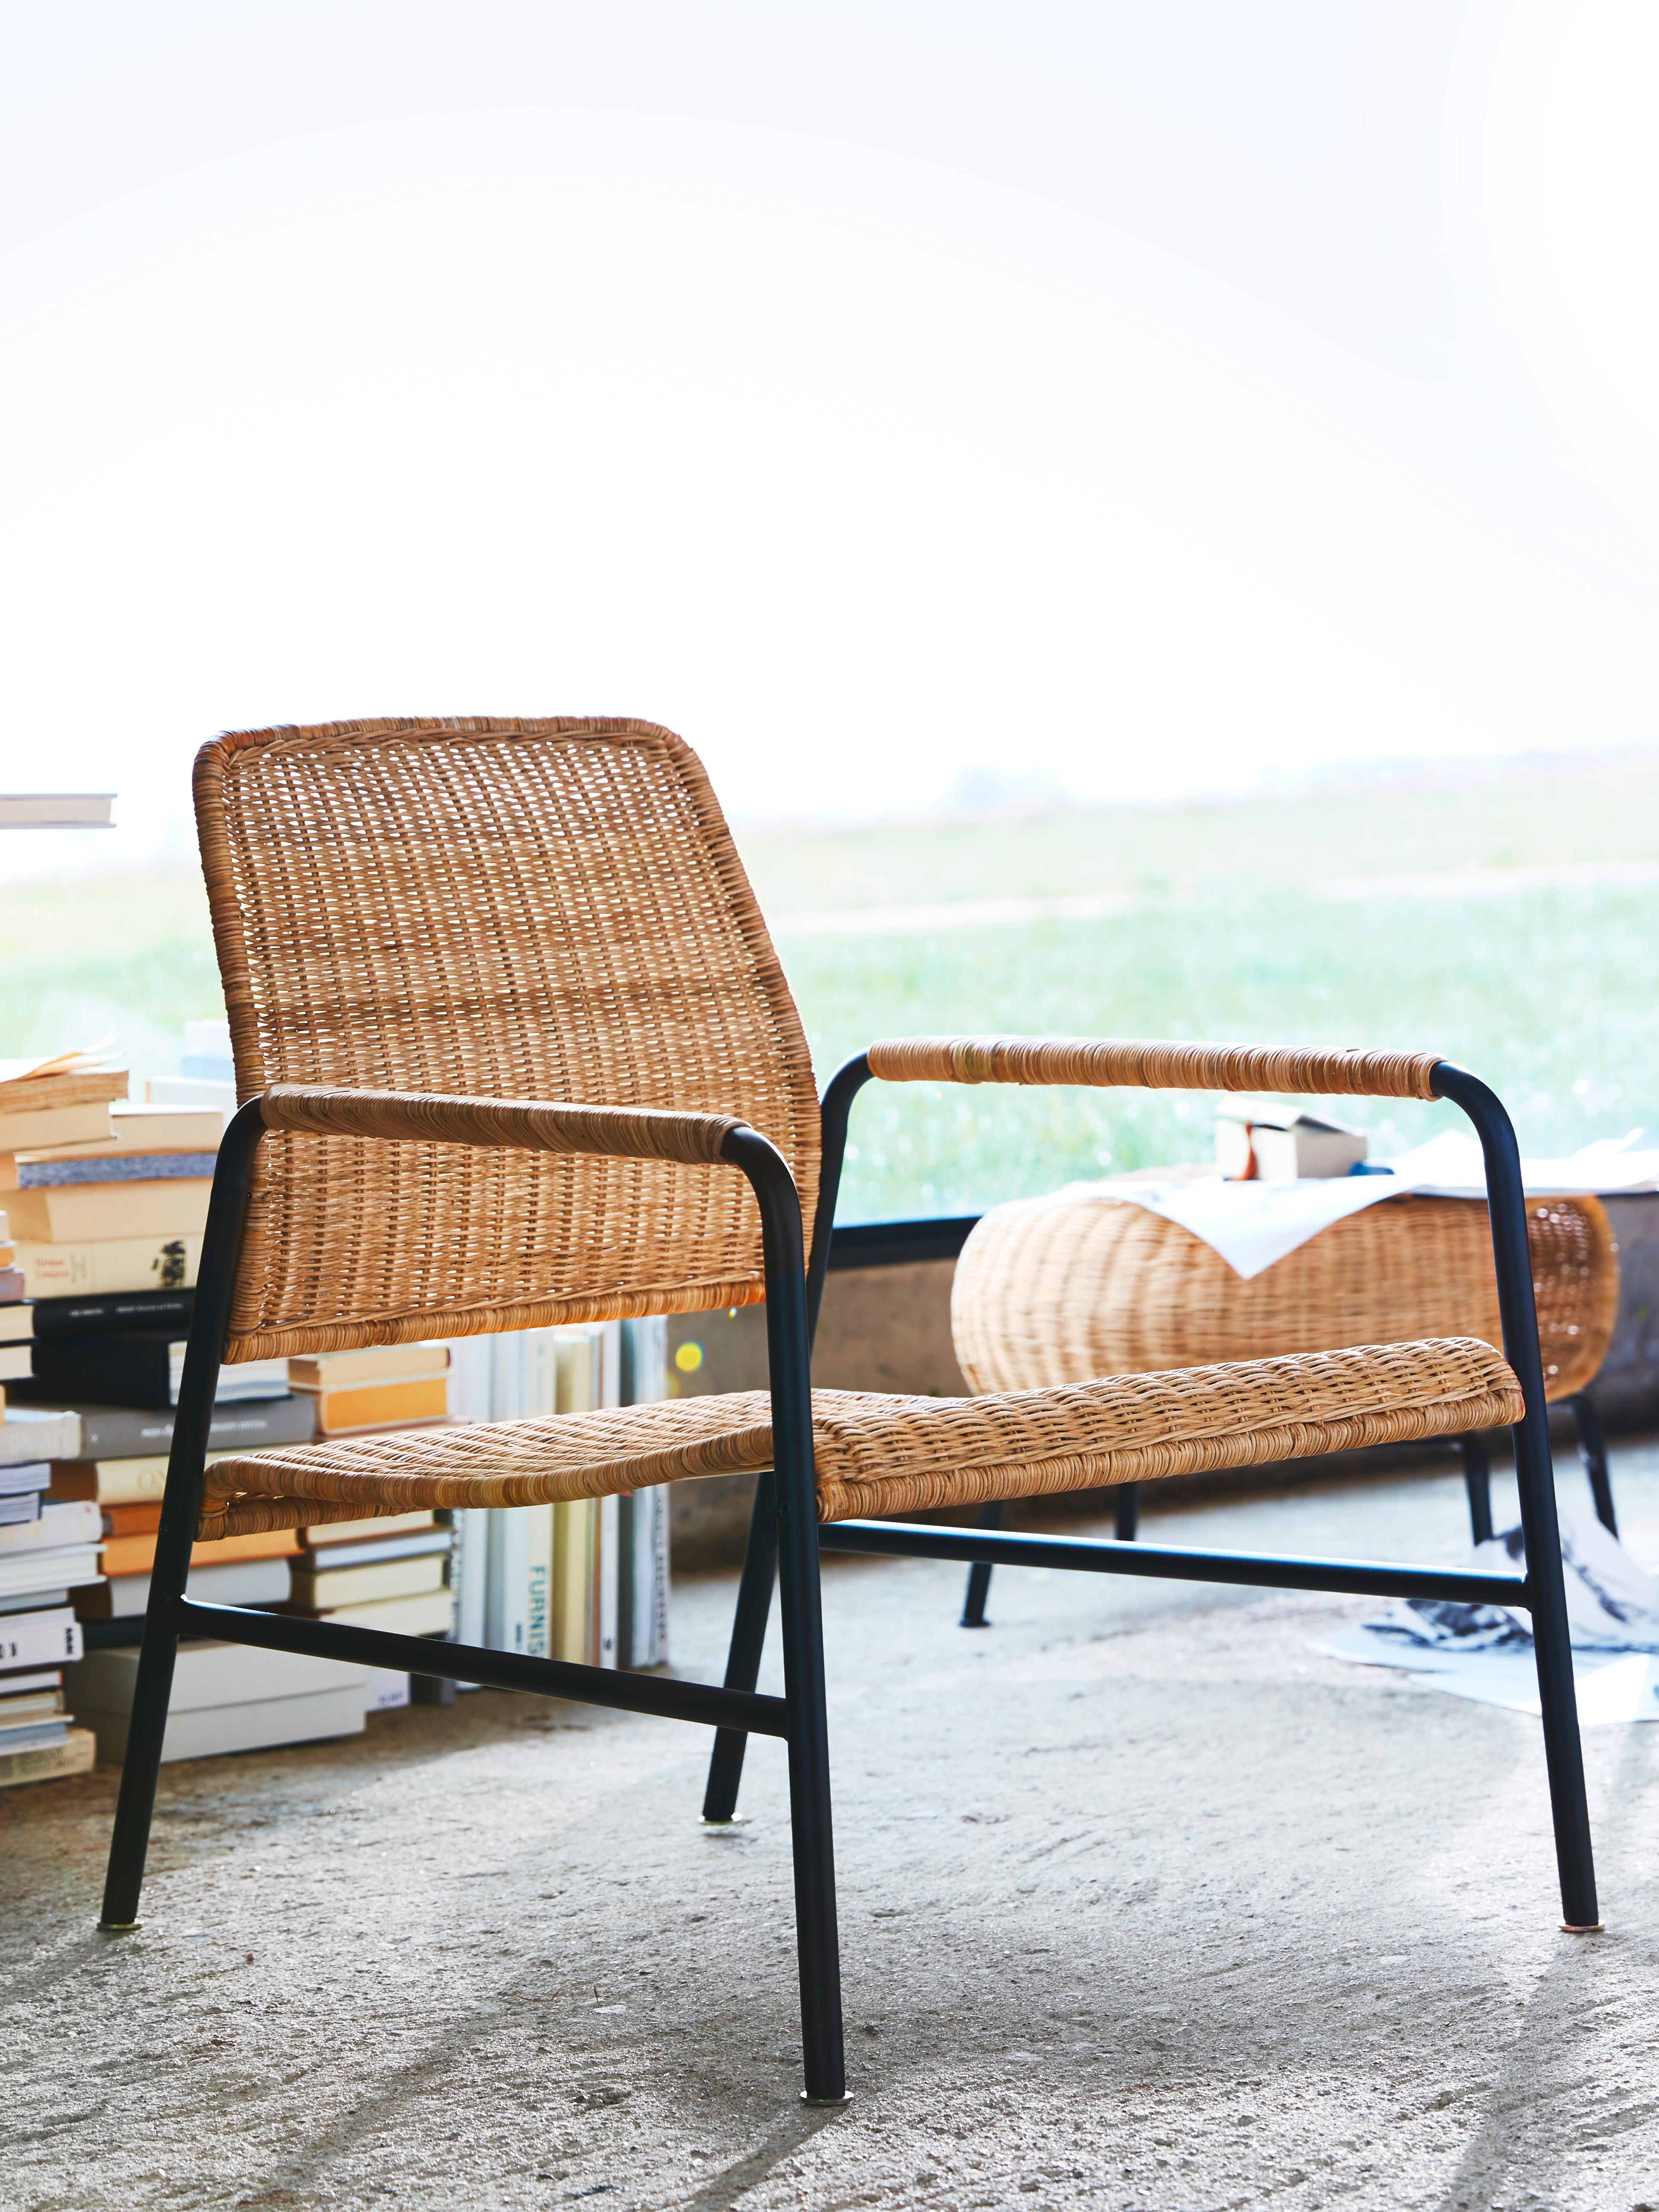 Ratanezko eta antrazita koloreko ULRIKSBERG besaulkia ratanezko eserleku zabal eta baxu batekin eta marko beltz batekin, liburu pila baten eta leiho baten aurrean nabarmenduta.